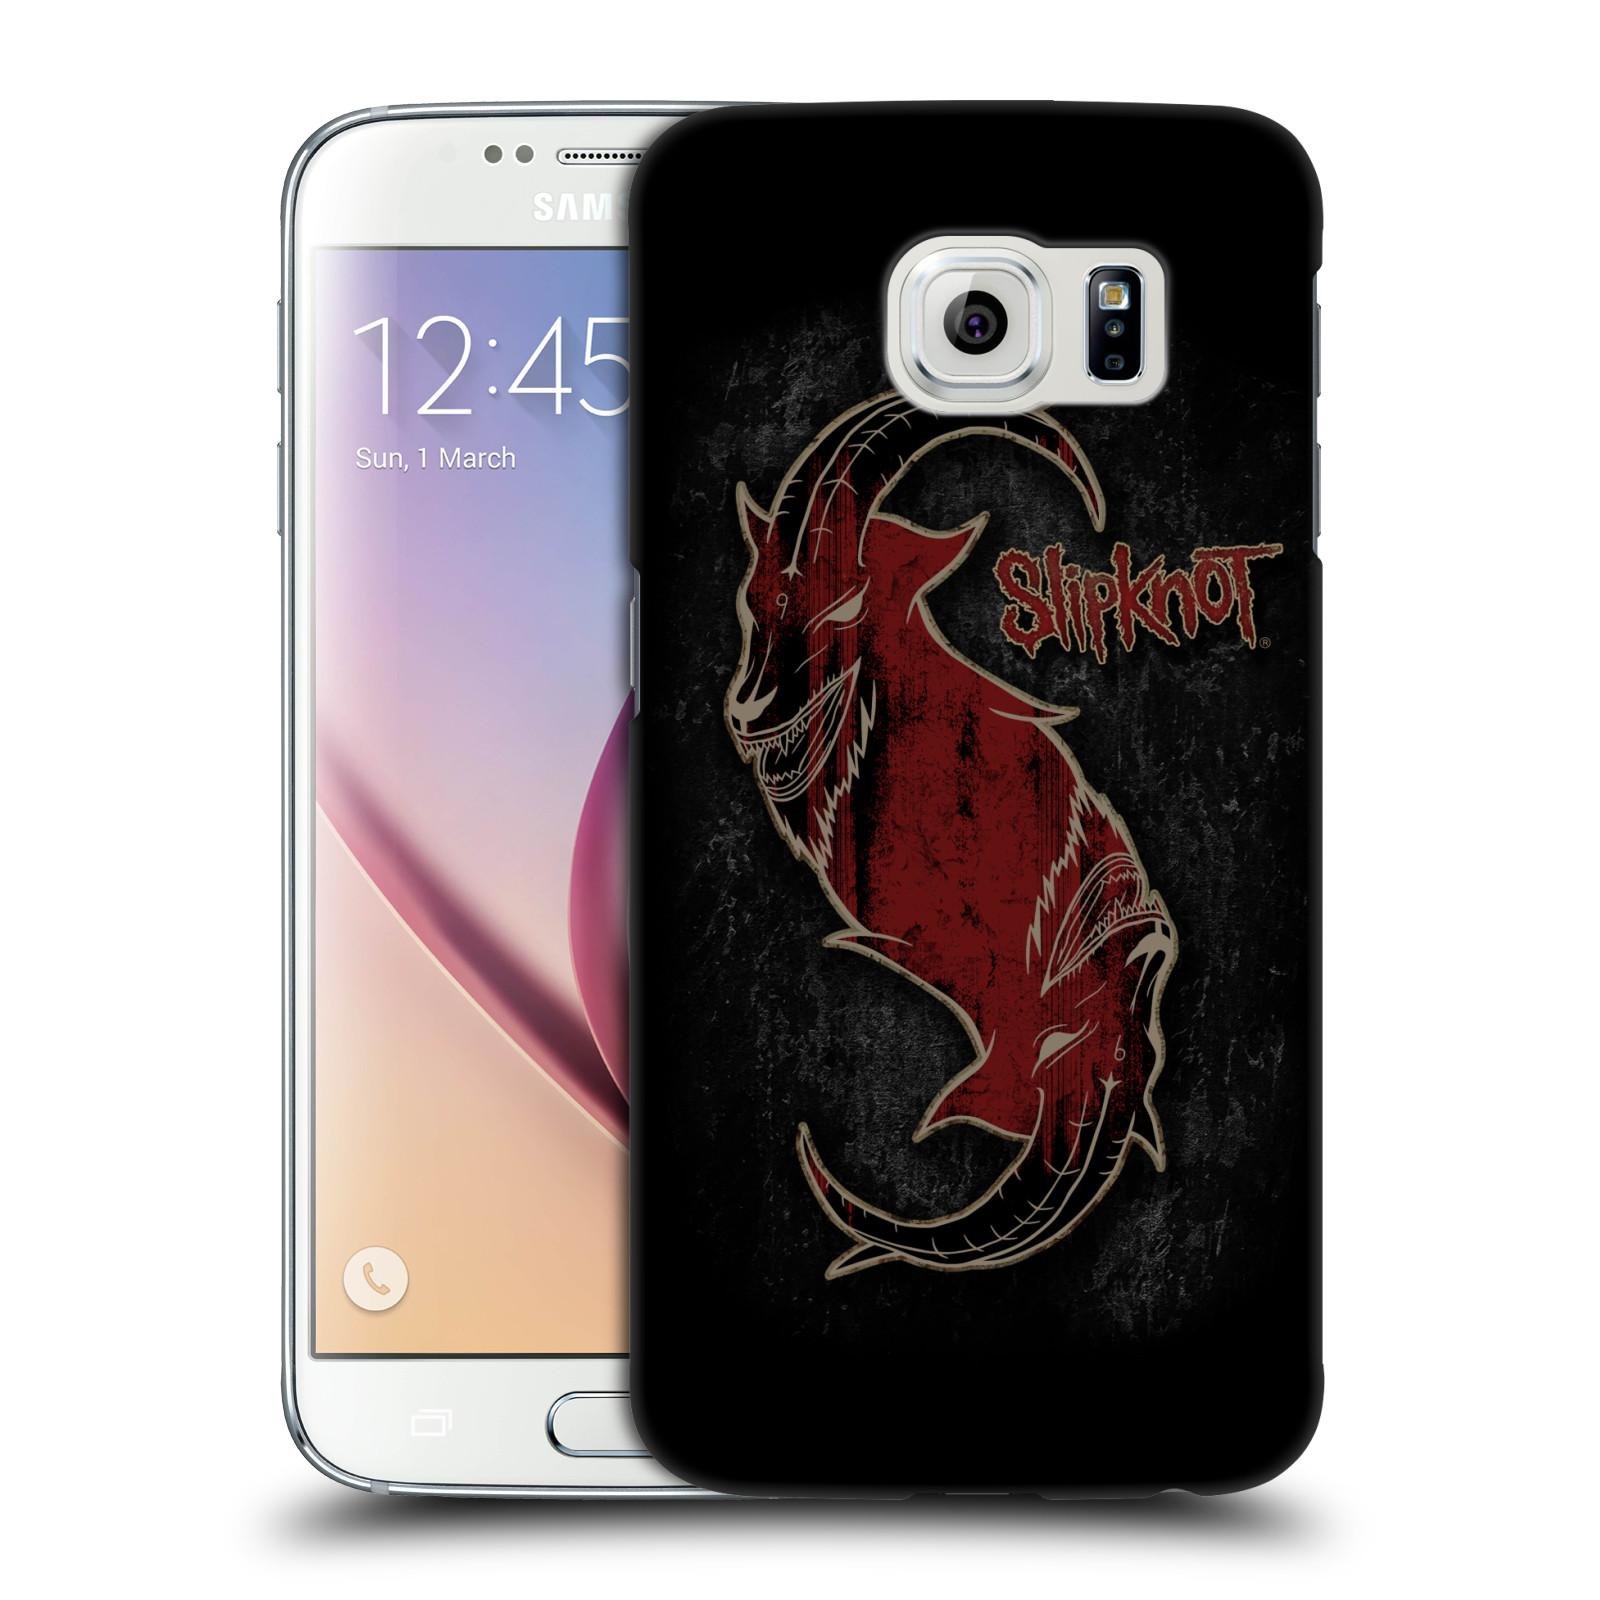 Plastové pouzdro na mobil Samsung Galaxy S6 HEAD CASE Slipknot - Rudý kozel